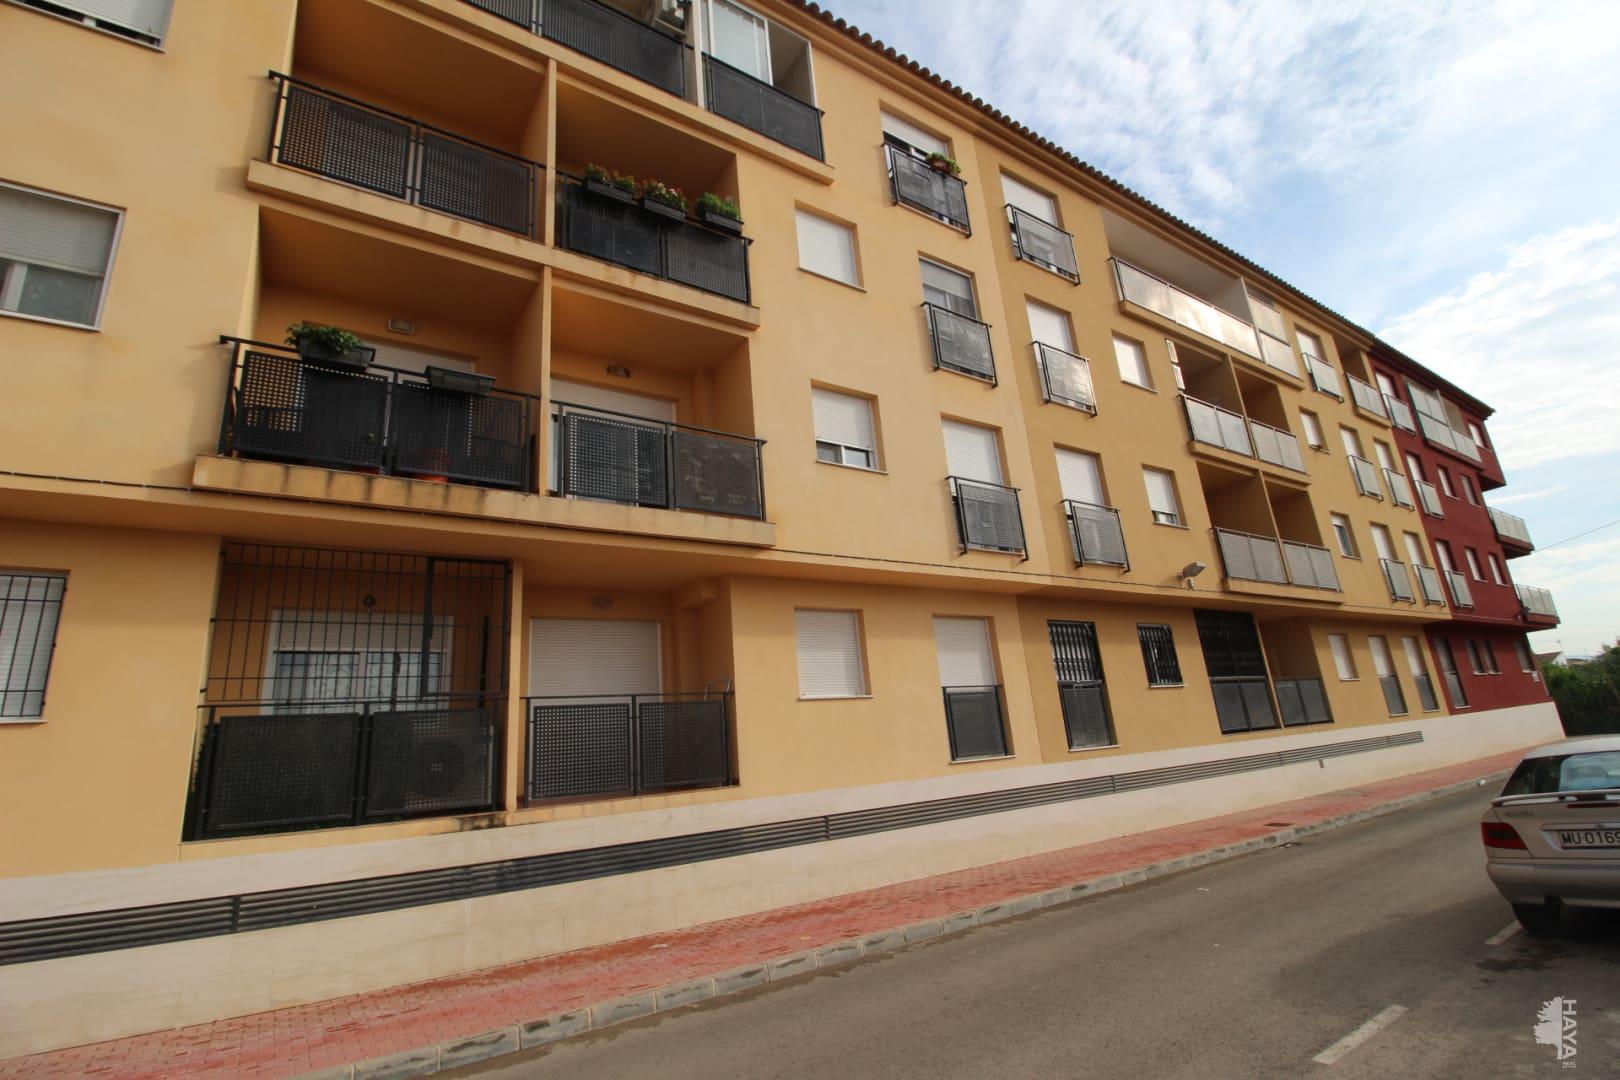 Piso en venta en Pedanía de El Raal, Murcia, Murcia, Calle Miguel de la Nieves, 105.700 €, 4 habitaciones, 2 baños, 133 m2